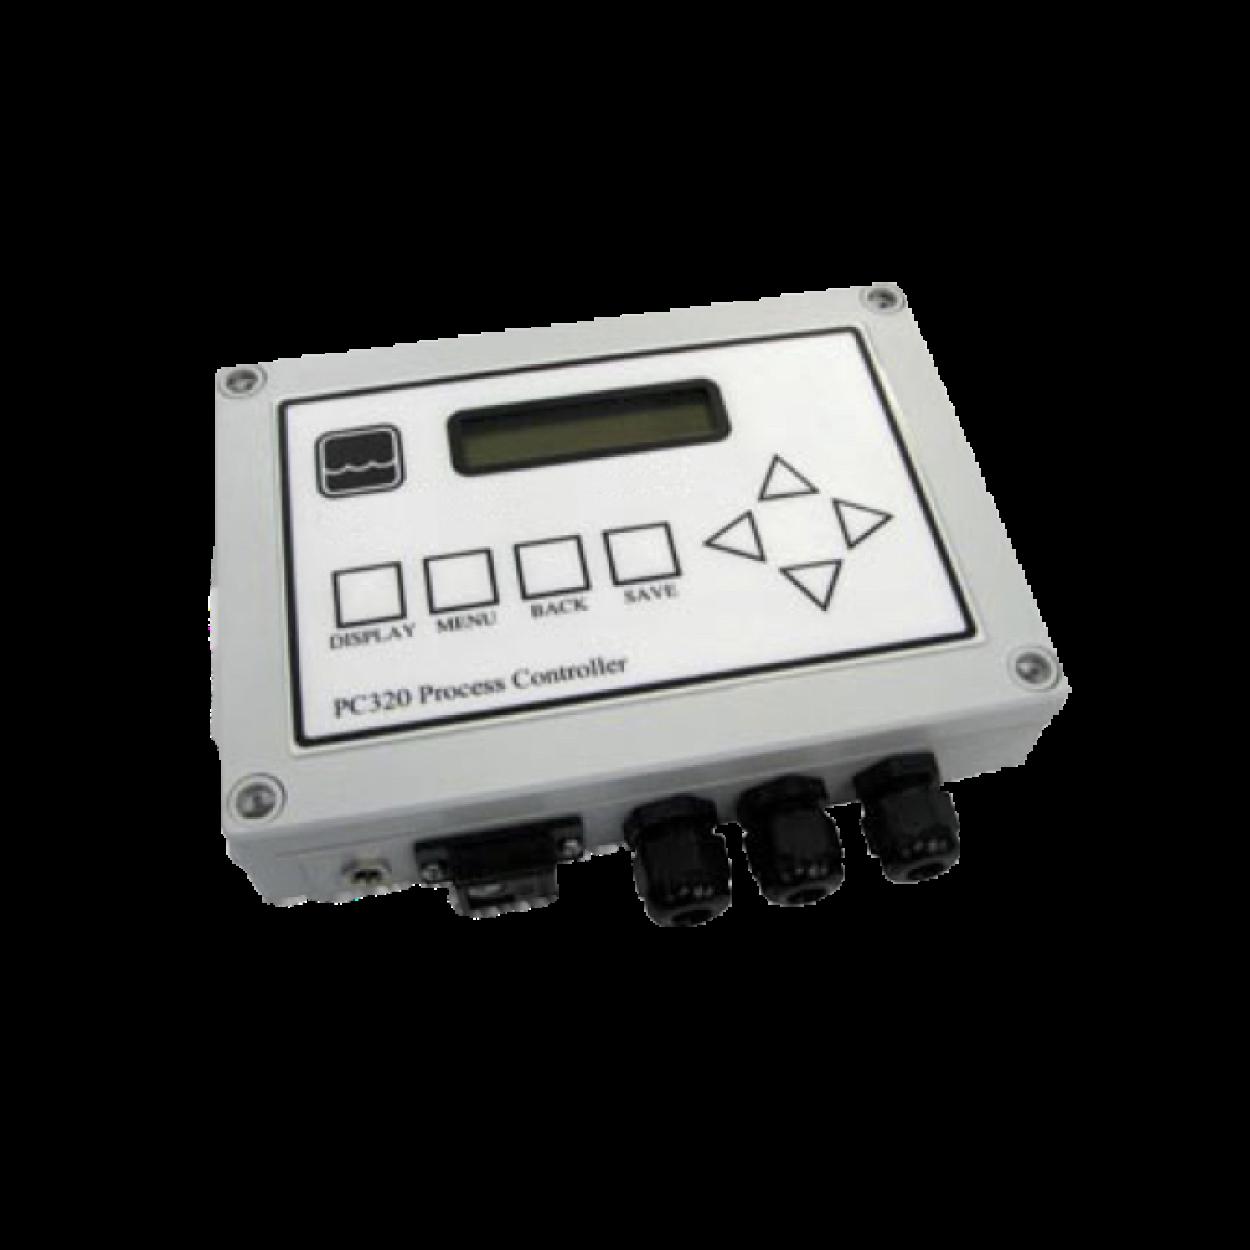 PC320_controllore_processo